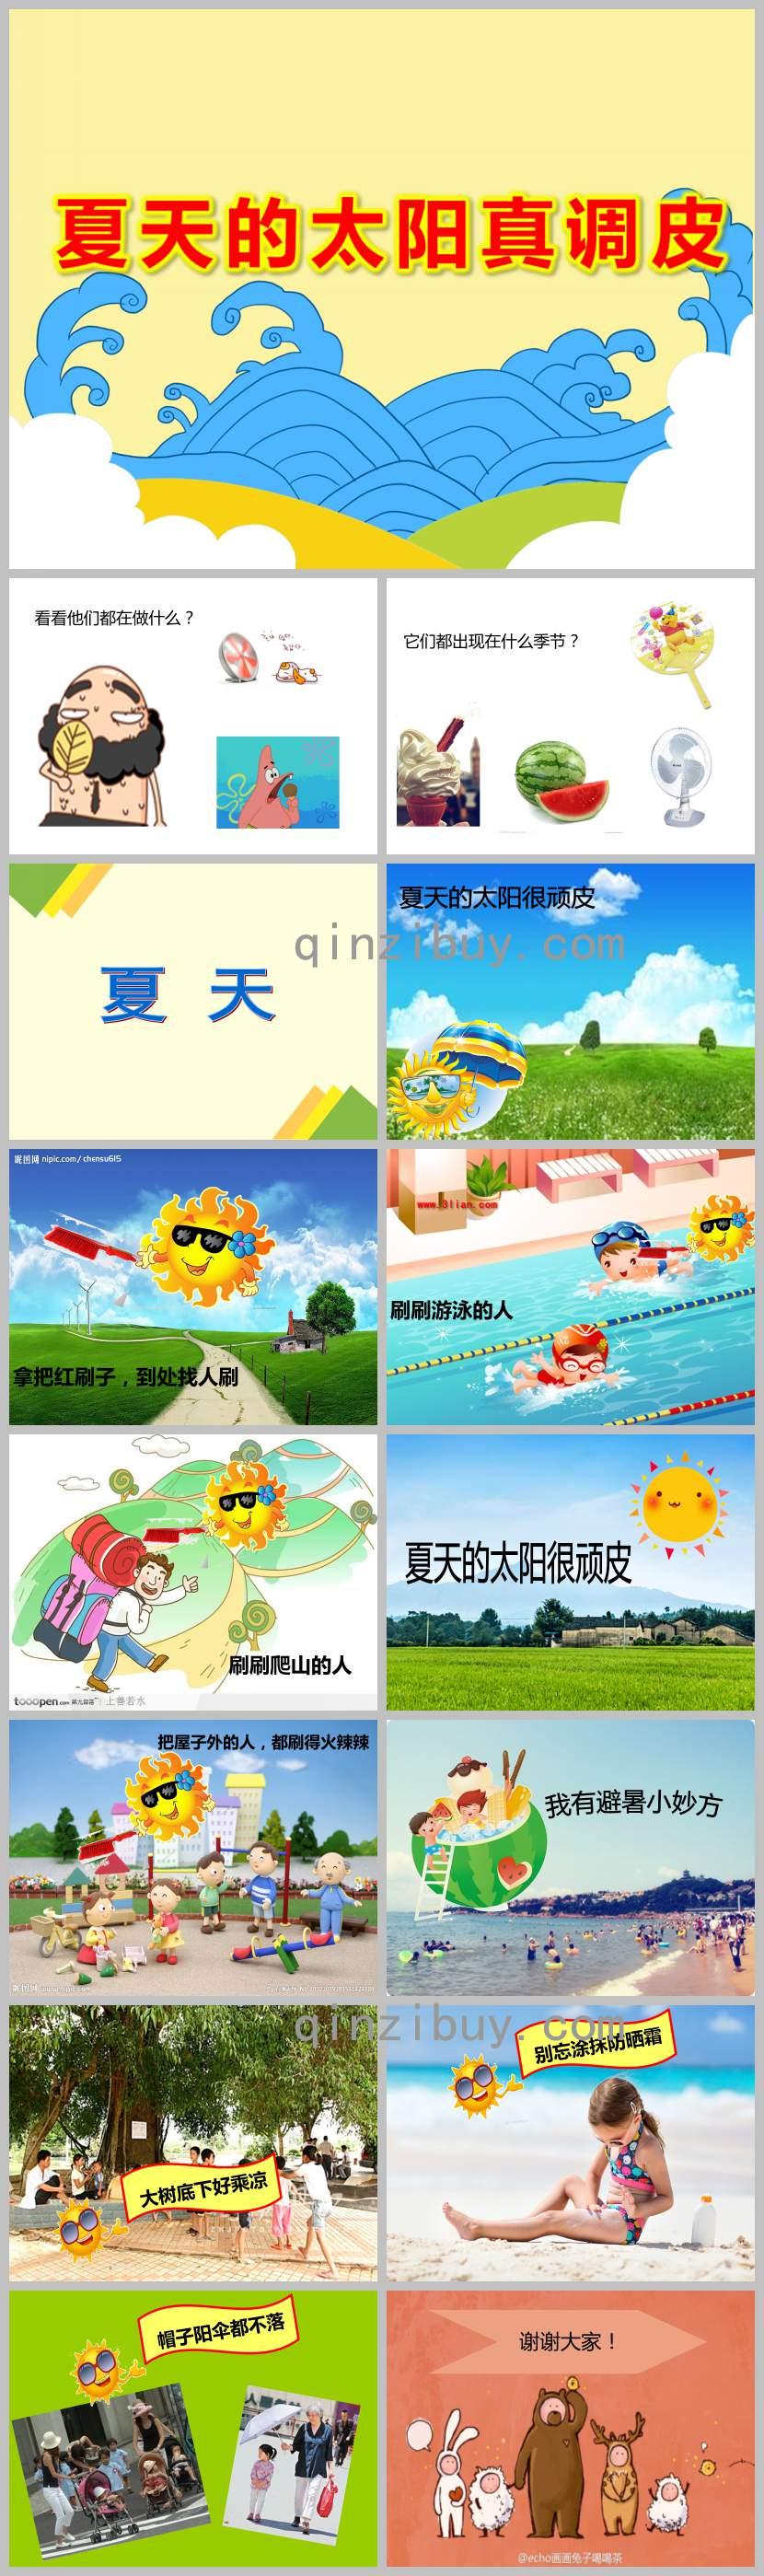 夏天的太阳真调皮PPT课件教案图片